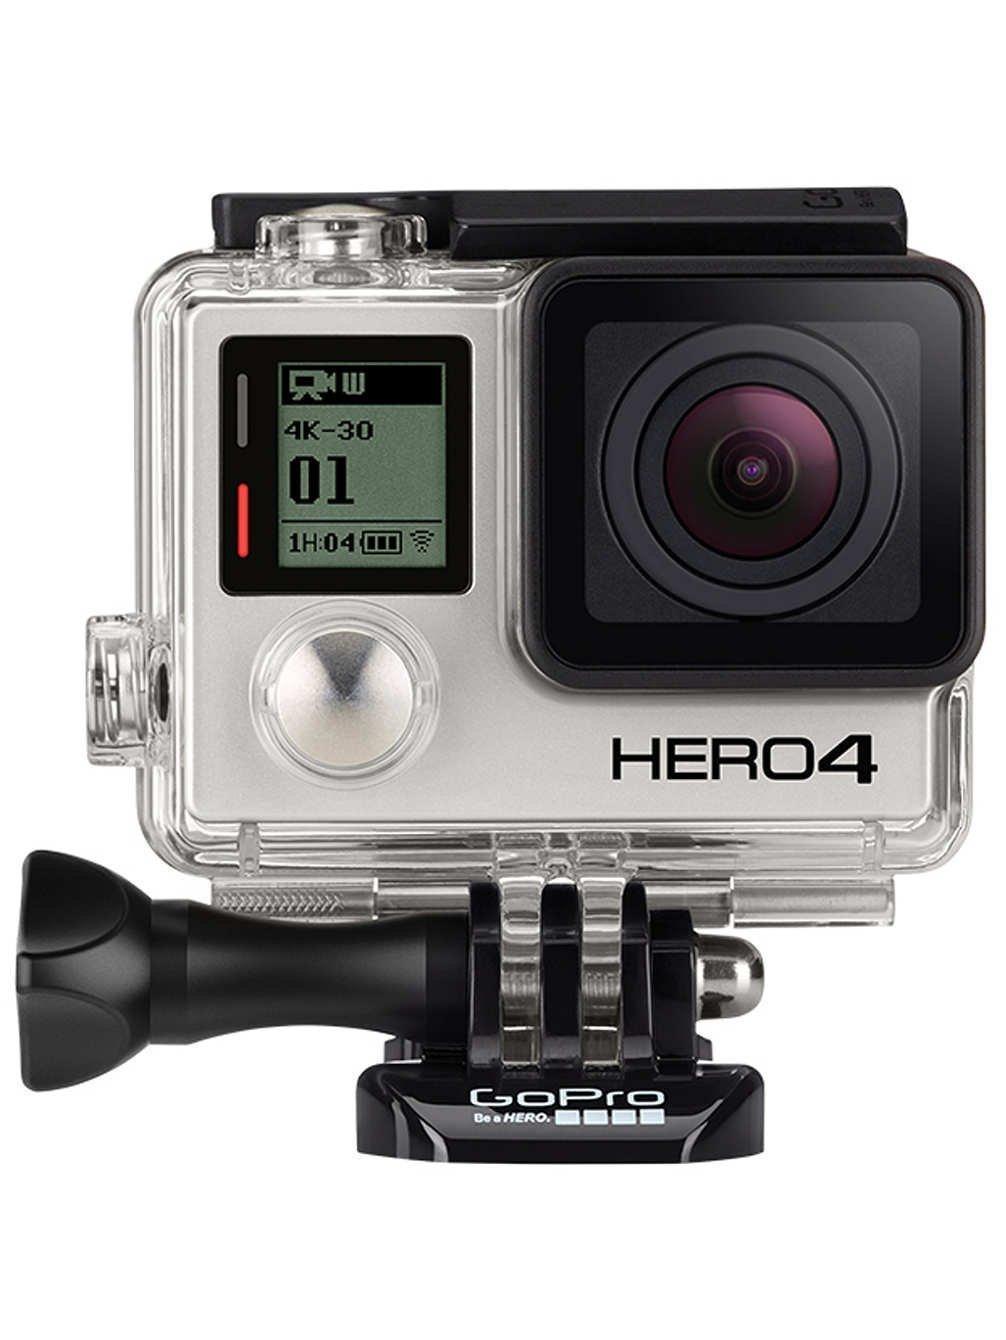 GoPro CHDHX-401-DE HERO4 Black Edition Adventure - Videocámara deportiva (12 Mp, Wi-Fi, Bluetooth, sumergible hasta 40 m), versión inglesa/alemana